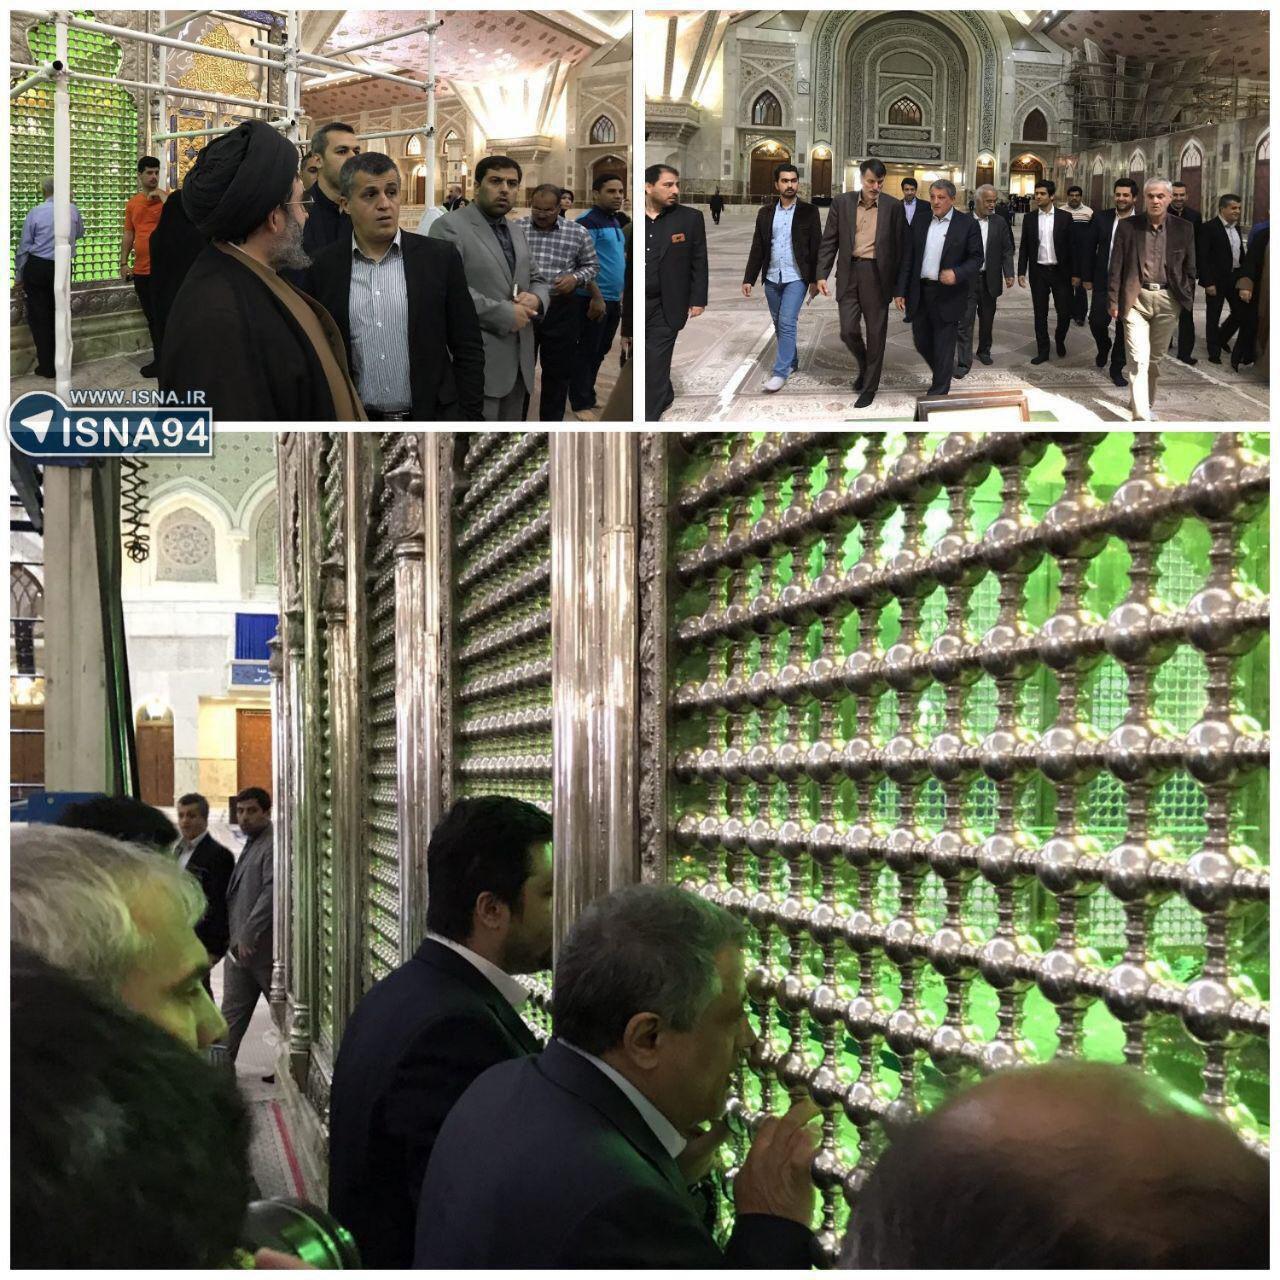 محسن و یاسر هاشمی در کنار مزار پدرشان رای دادند+عکس